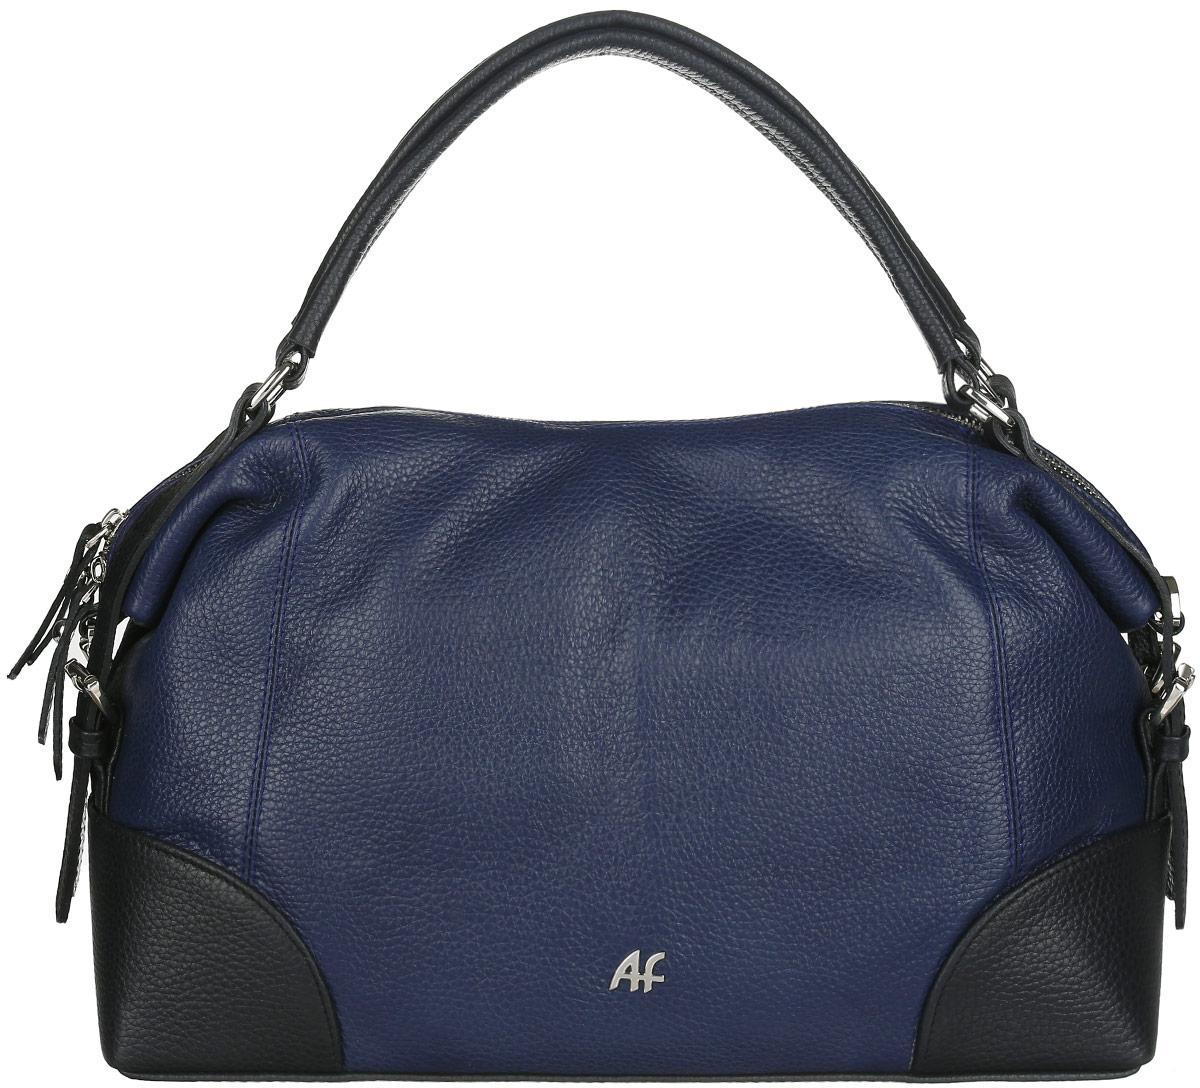 Сумка женская Afina, цвет: темно-синий, черный. 40784078Стильная женская сумка Afina выполнена из натуральной кожи с фактурным тиснением и оформлена по бокам ремешками с металлическими пряжками. Изделие имеет одно отделение, которое закрывается застежку-молнию. Внутри сумки находятся два накладных открытых кармана и прорезной карман на застежке-молнии. Снаружи, на задней стенке расположен прорезной карман на застежке-молнии. Сумка оснащена двумя удобными ручками. В комплект входит съемный регулируемый плечевой ремень. Стильная сумка идеально подчеркнет ваш неповторимый стиль.